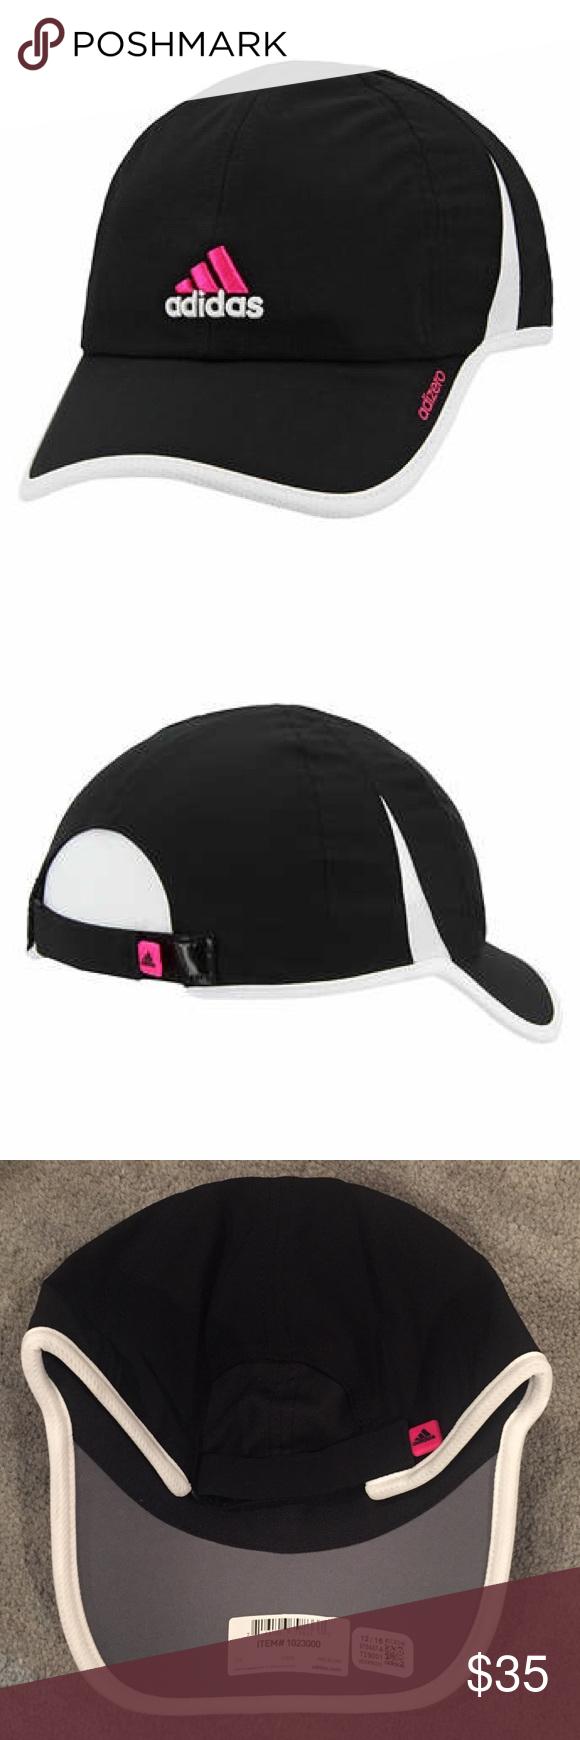 0a71de1028e Adidas Adizero SPF 50 Climacool Hat